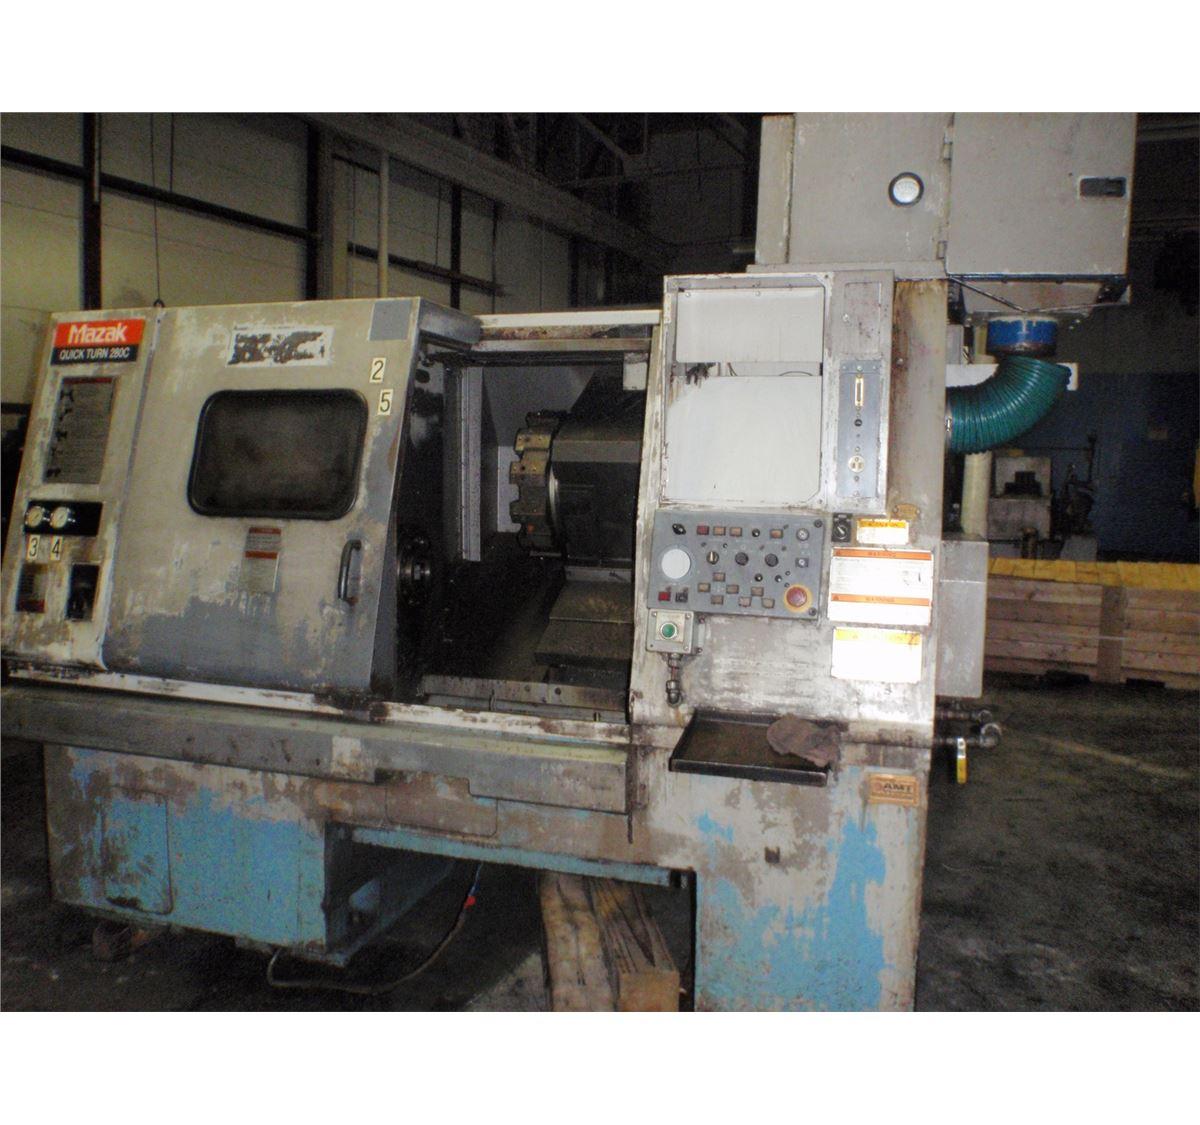 Mazak Quick Turn 280C CNC (Parts)